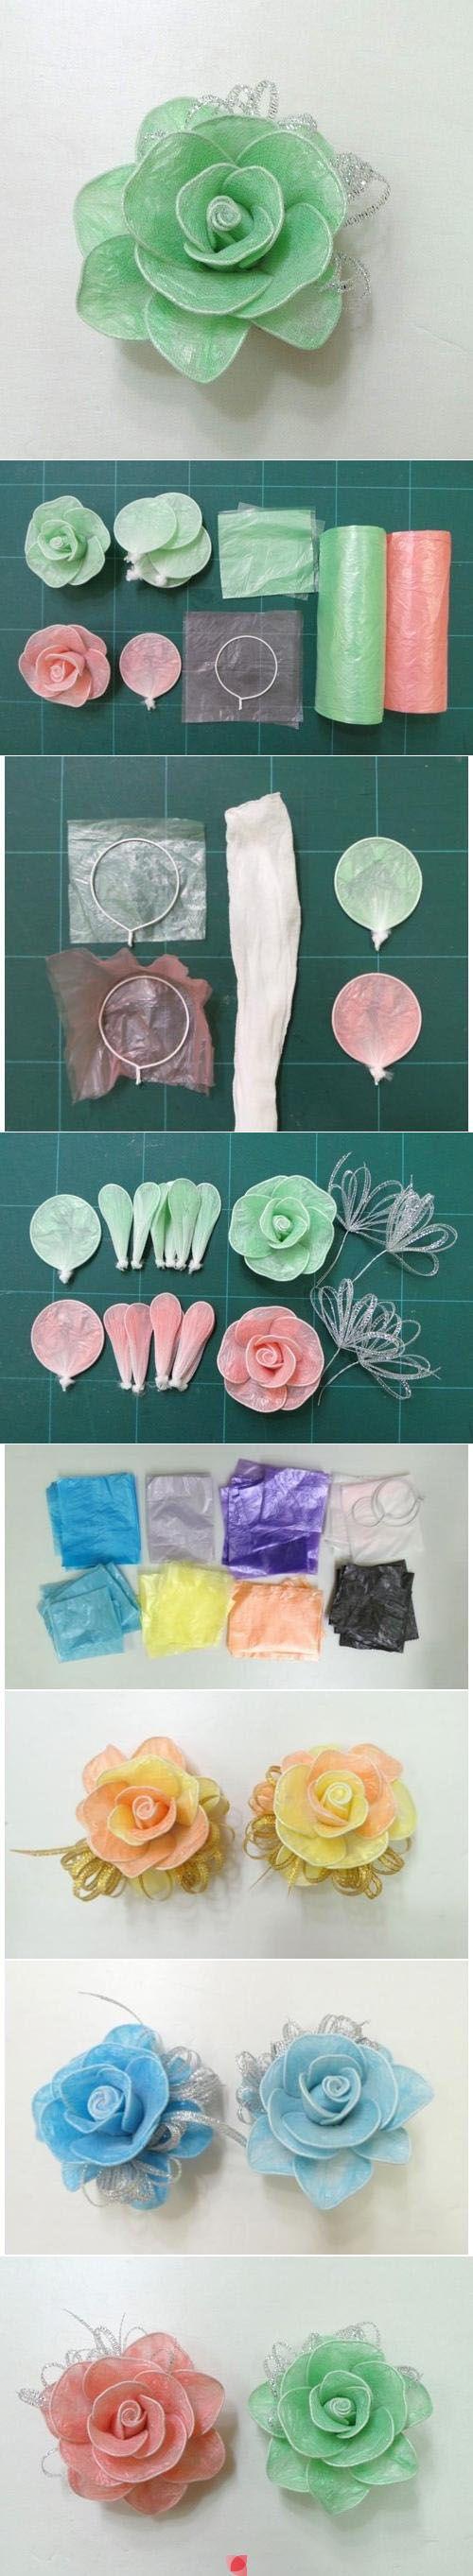 flores hechas con medias de colores                                                                                                                                                      Más